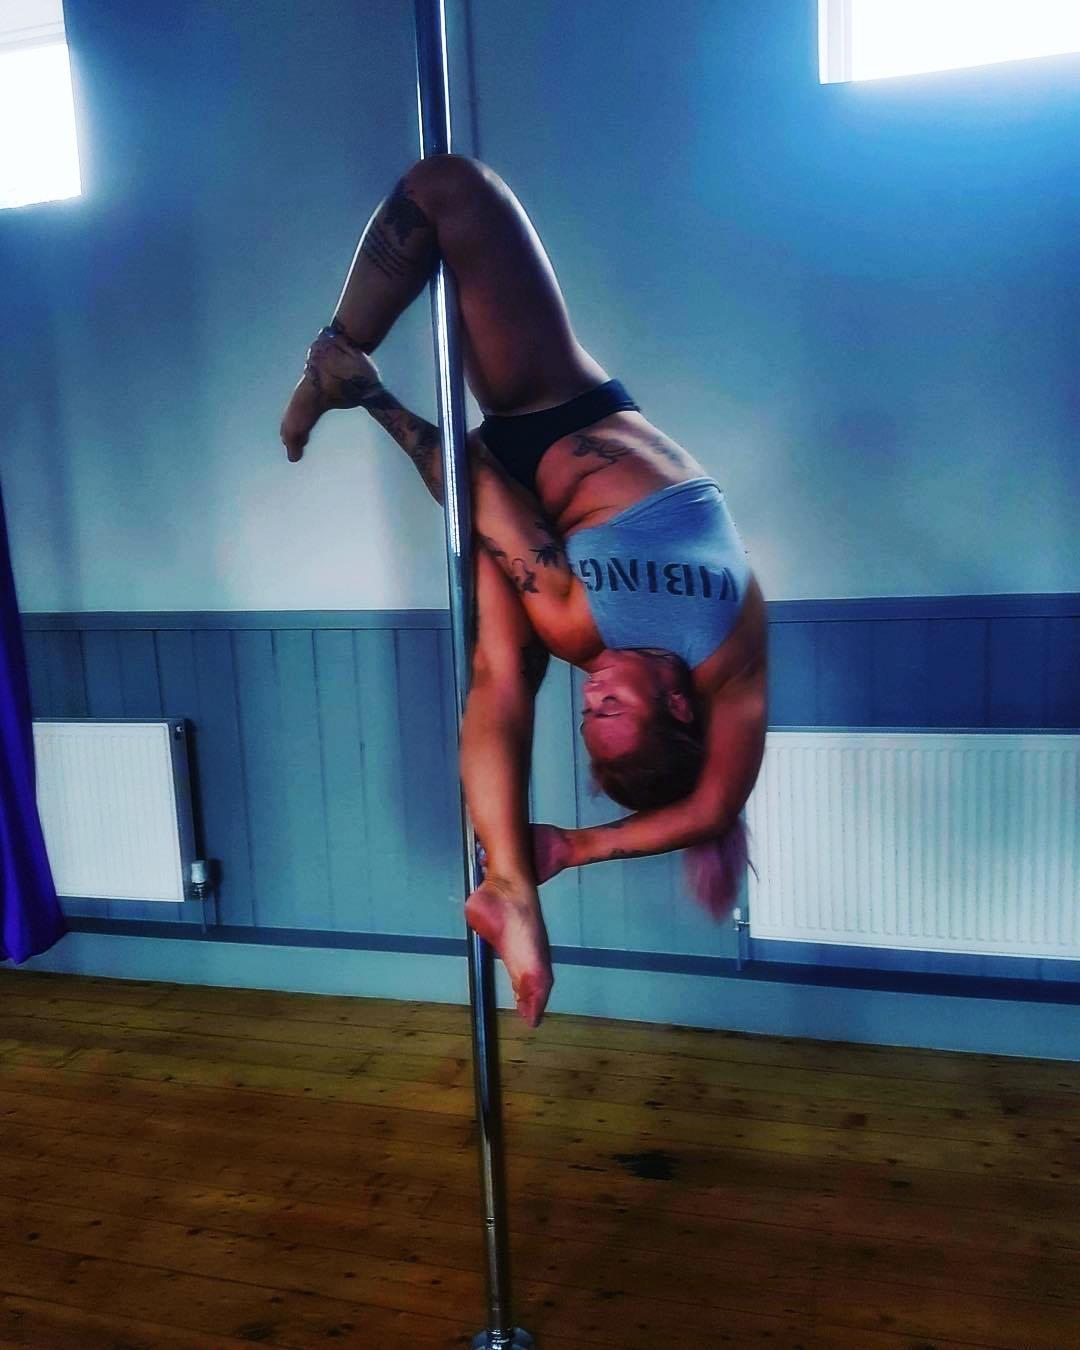 Sarah Guthrie preforming an advanced pole move - photo courtesy of Sarah